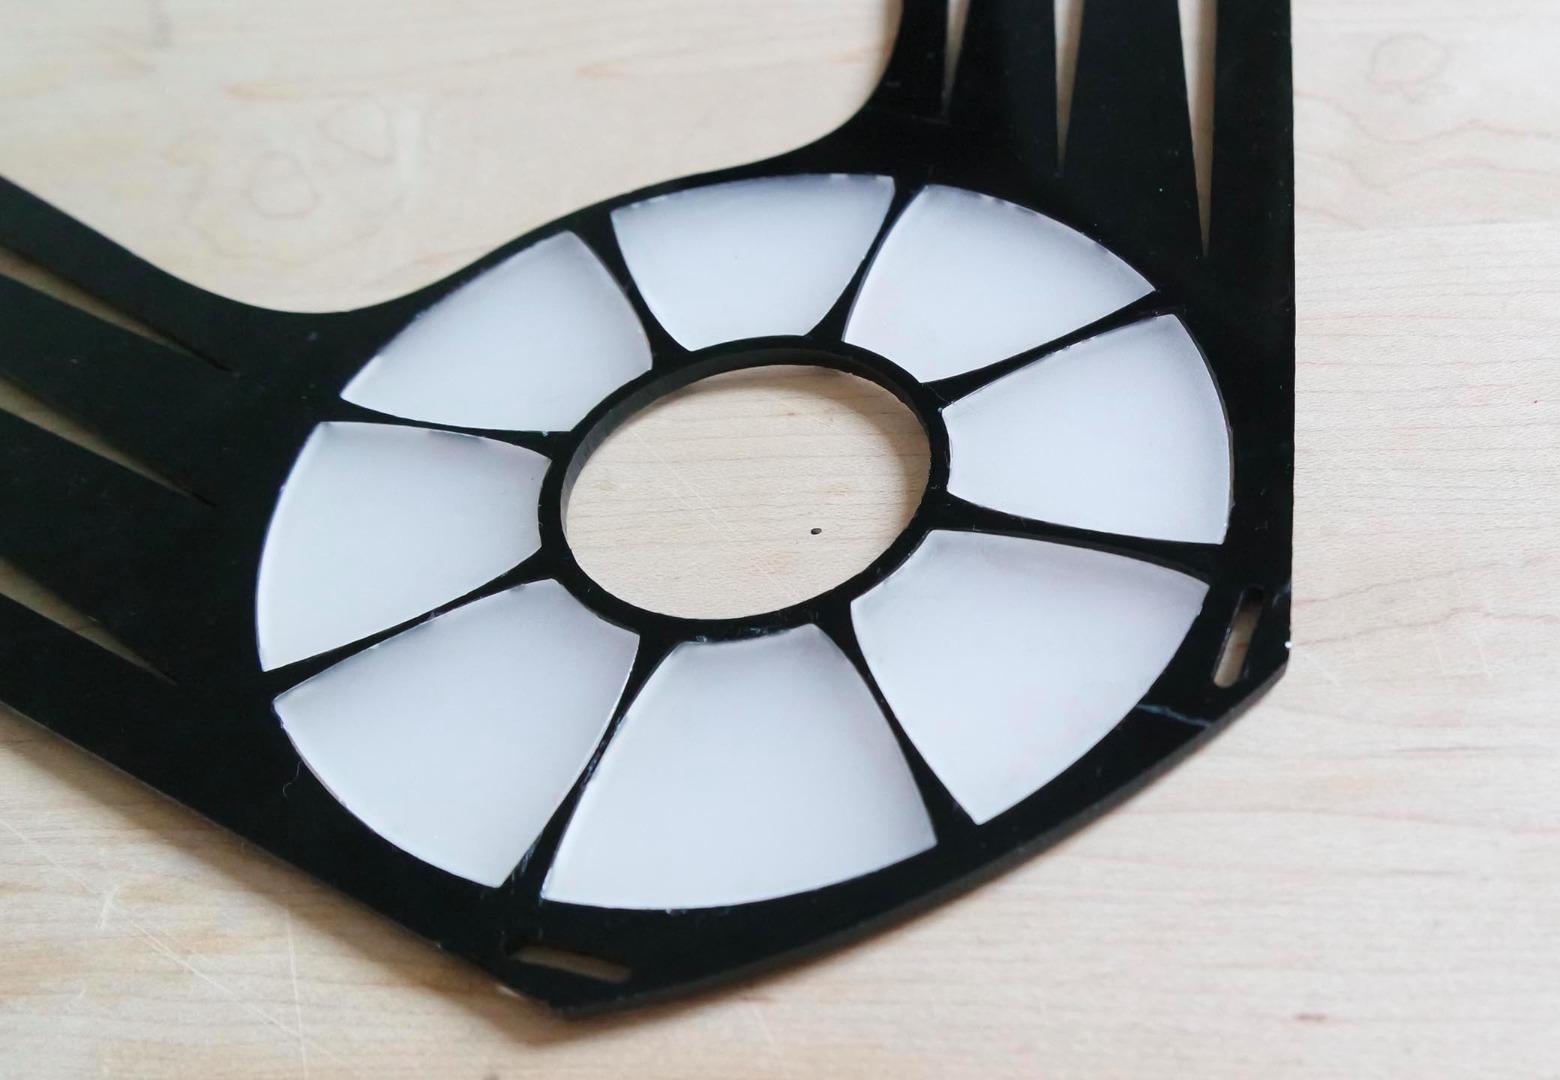 Picture of Adding the Translucent Petals